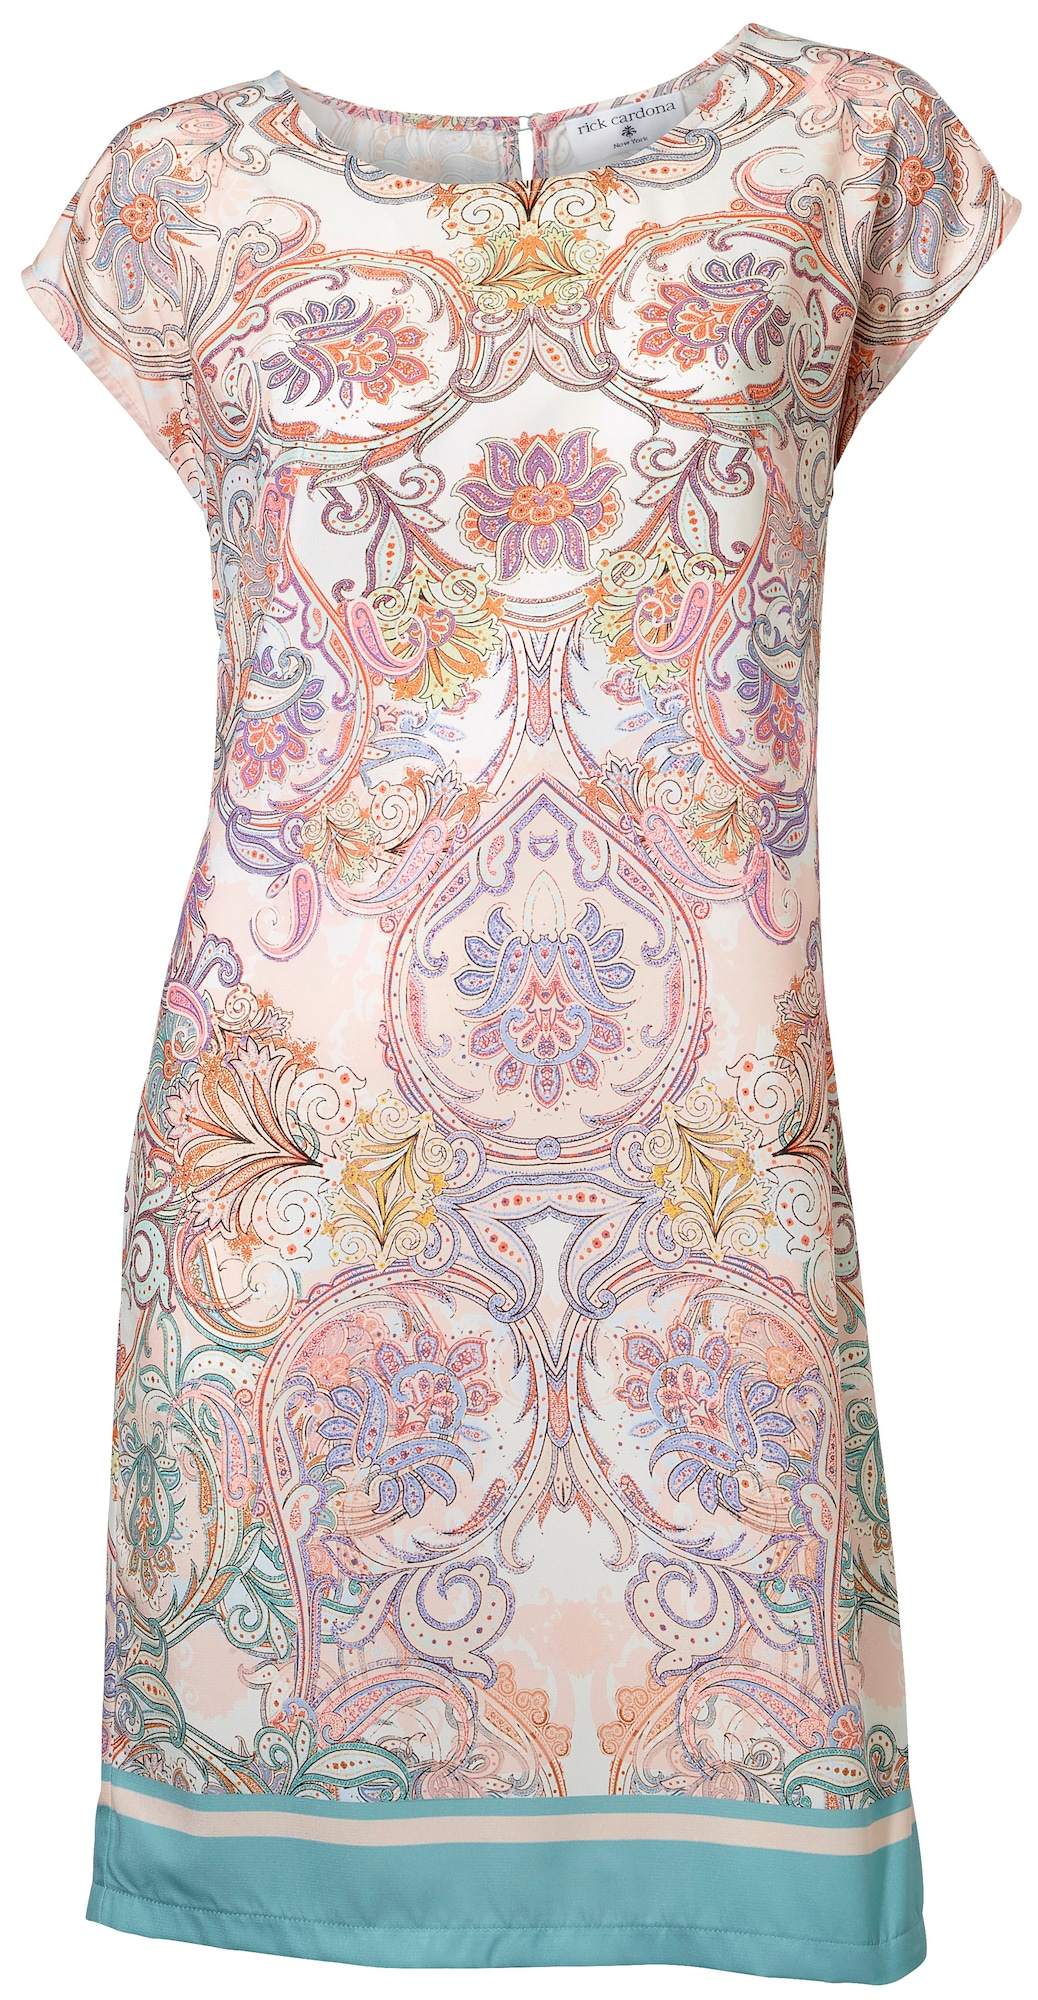 Druckkleid | Bekleidung > Kleider > Druckkleider | Lila - Pink - Weiß | heine